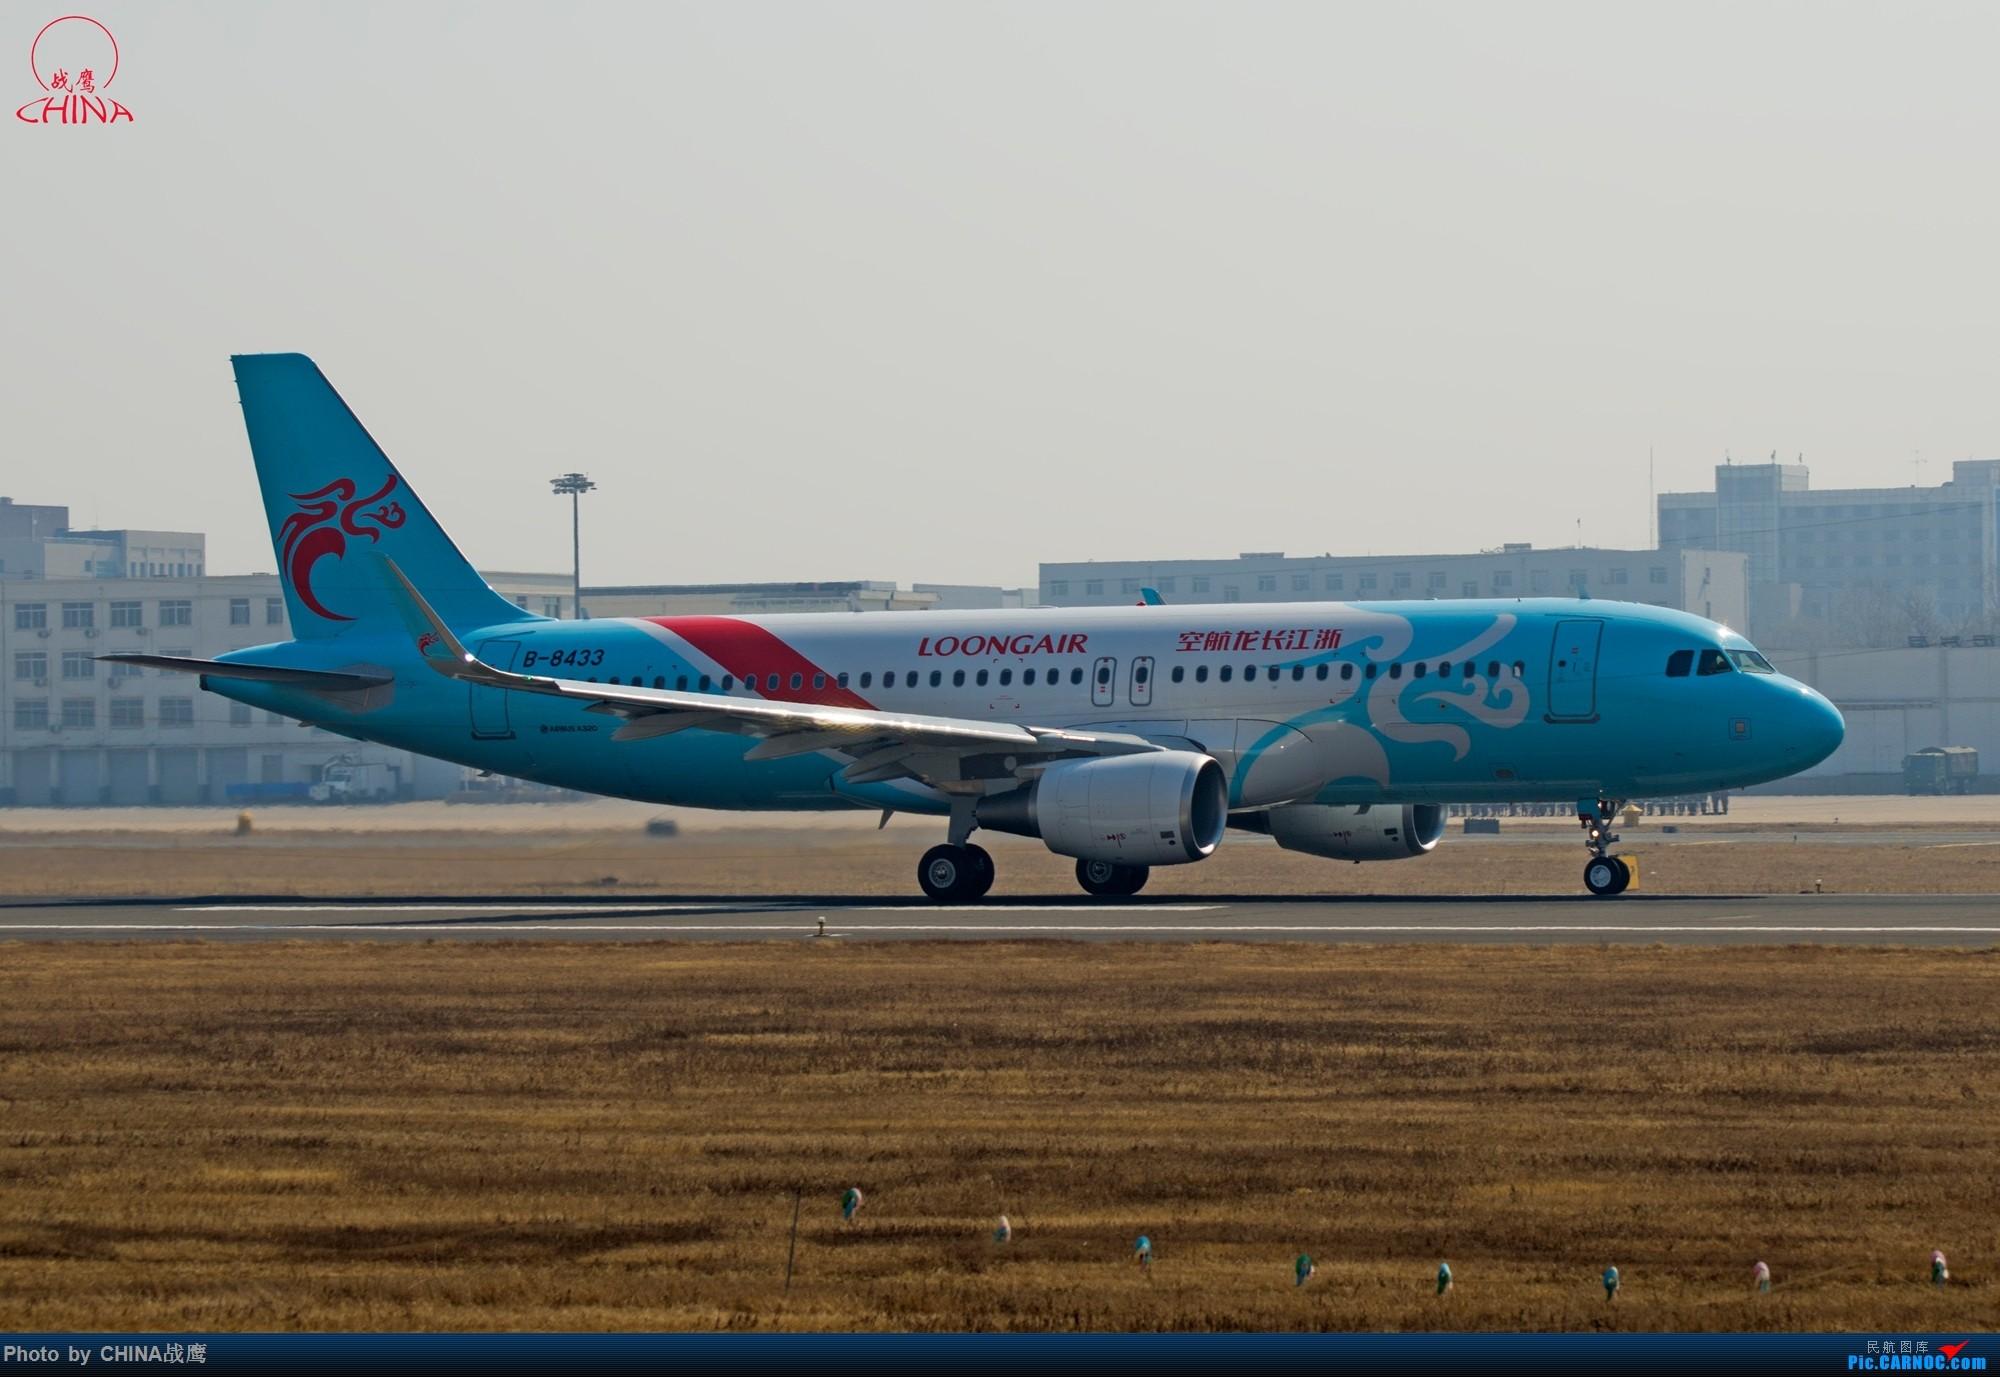 Re:[原创]拍飞机的乐趣 AIRBUS A320-200 B-8433 中国沈阳桃仙国际机场